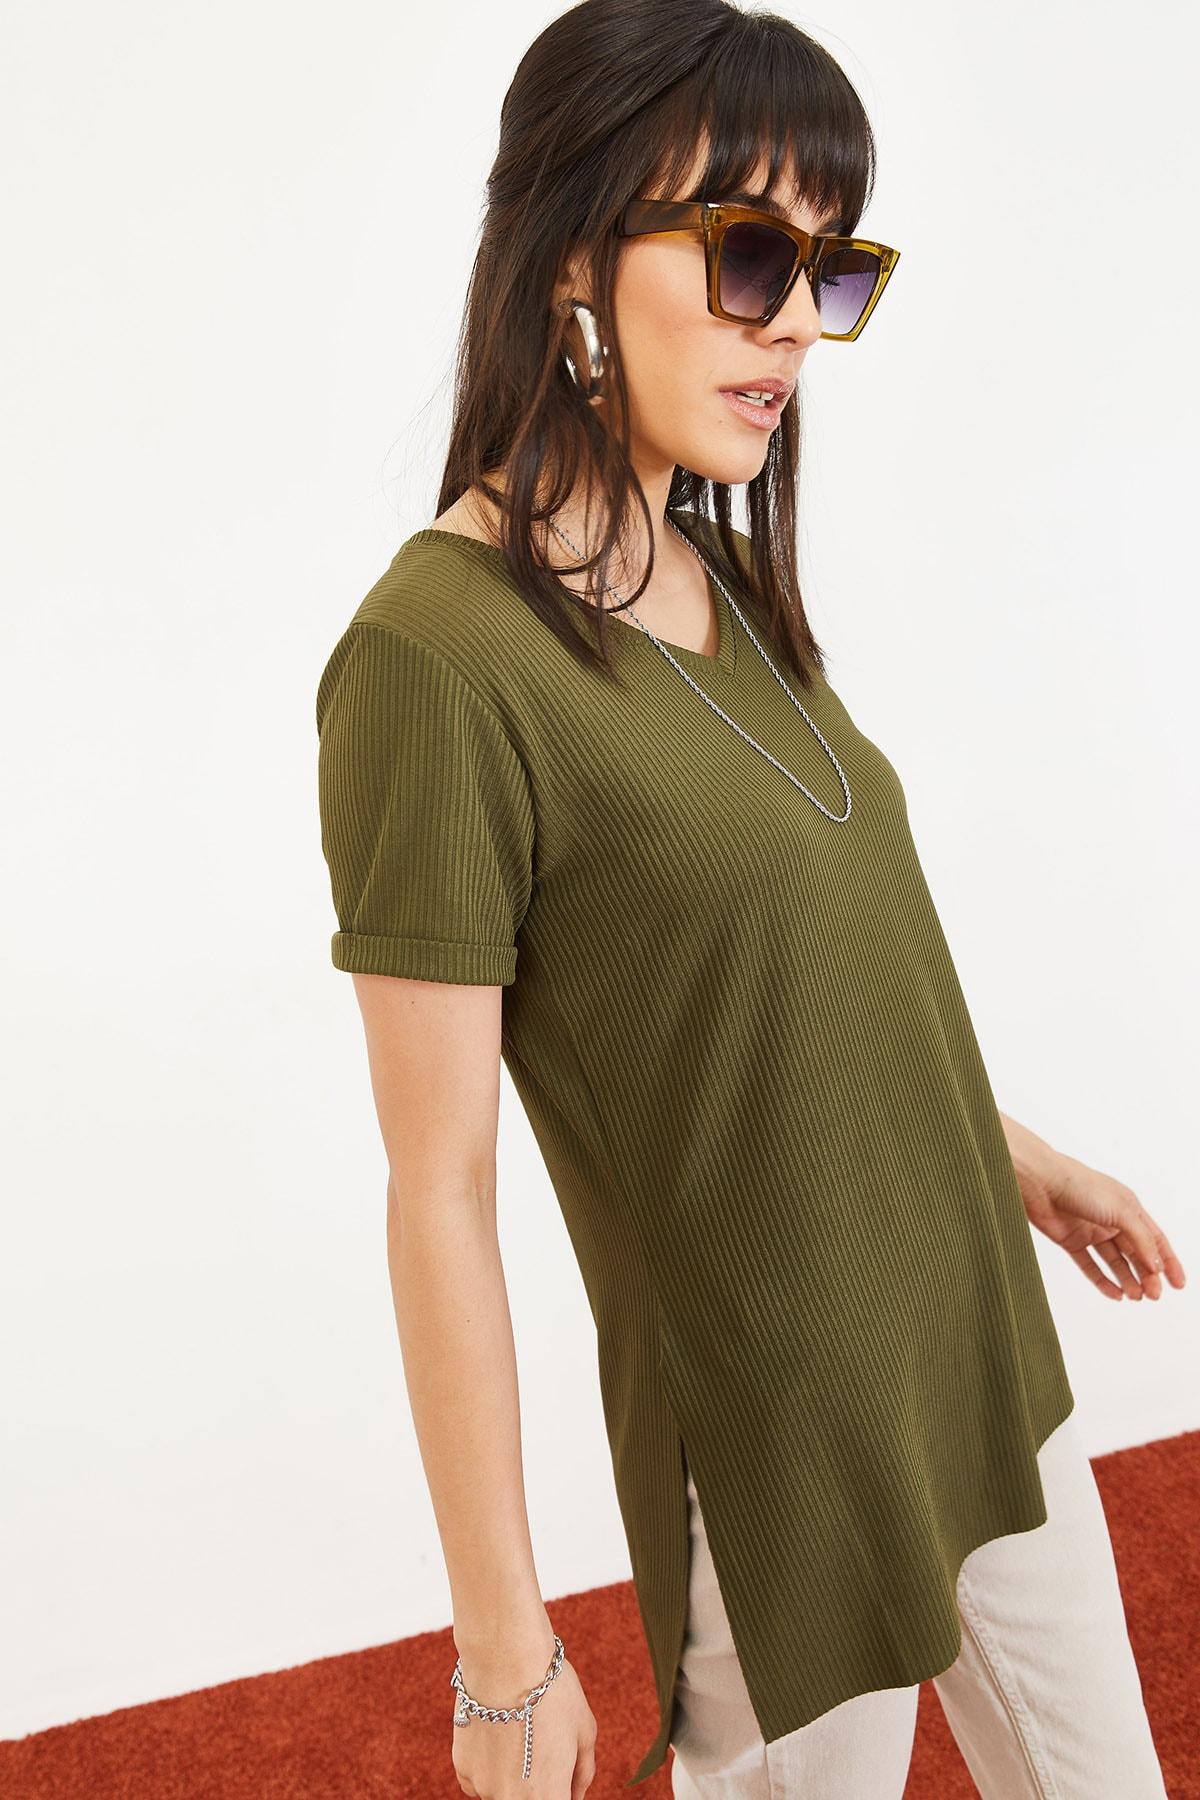 Bianco Lucci Kadın Yeşil Kol Yan Yırtmaçlı Kol Detay Kaşkorse T-Shirt 10051012 2